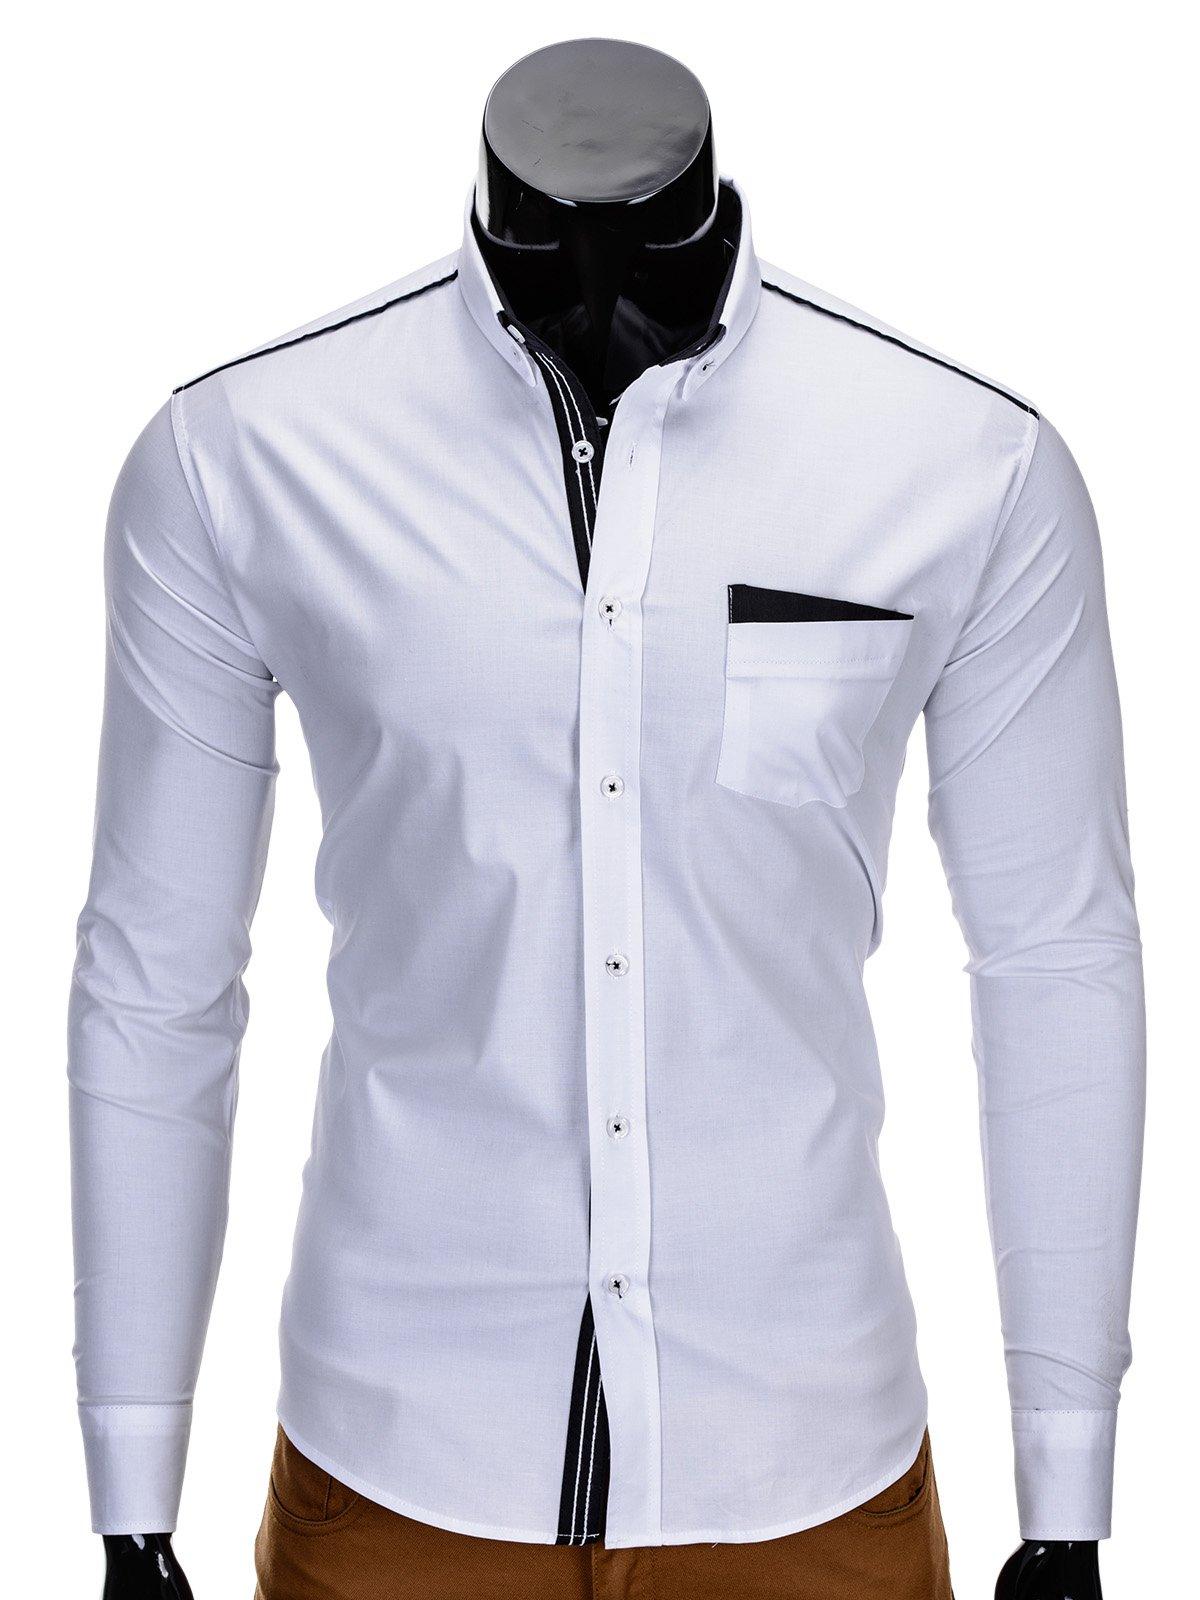 9d3dd1a2c61 Мужская рубашка элегантная с длинным рукавом K207 - белая белый ...